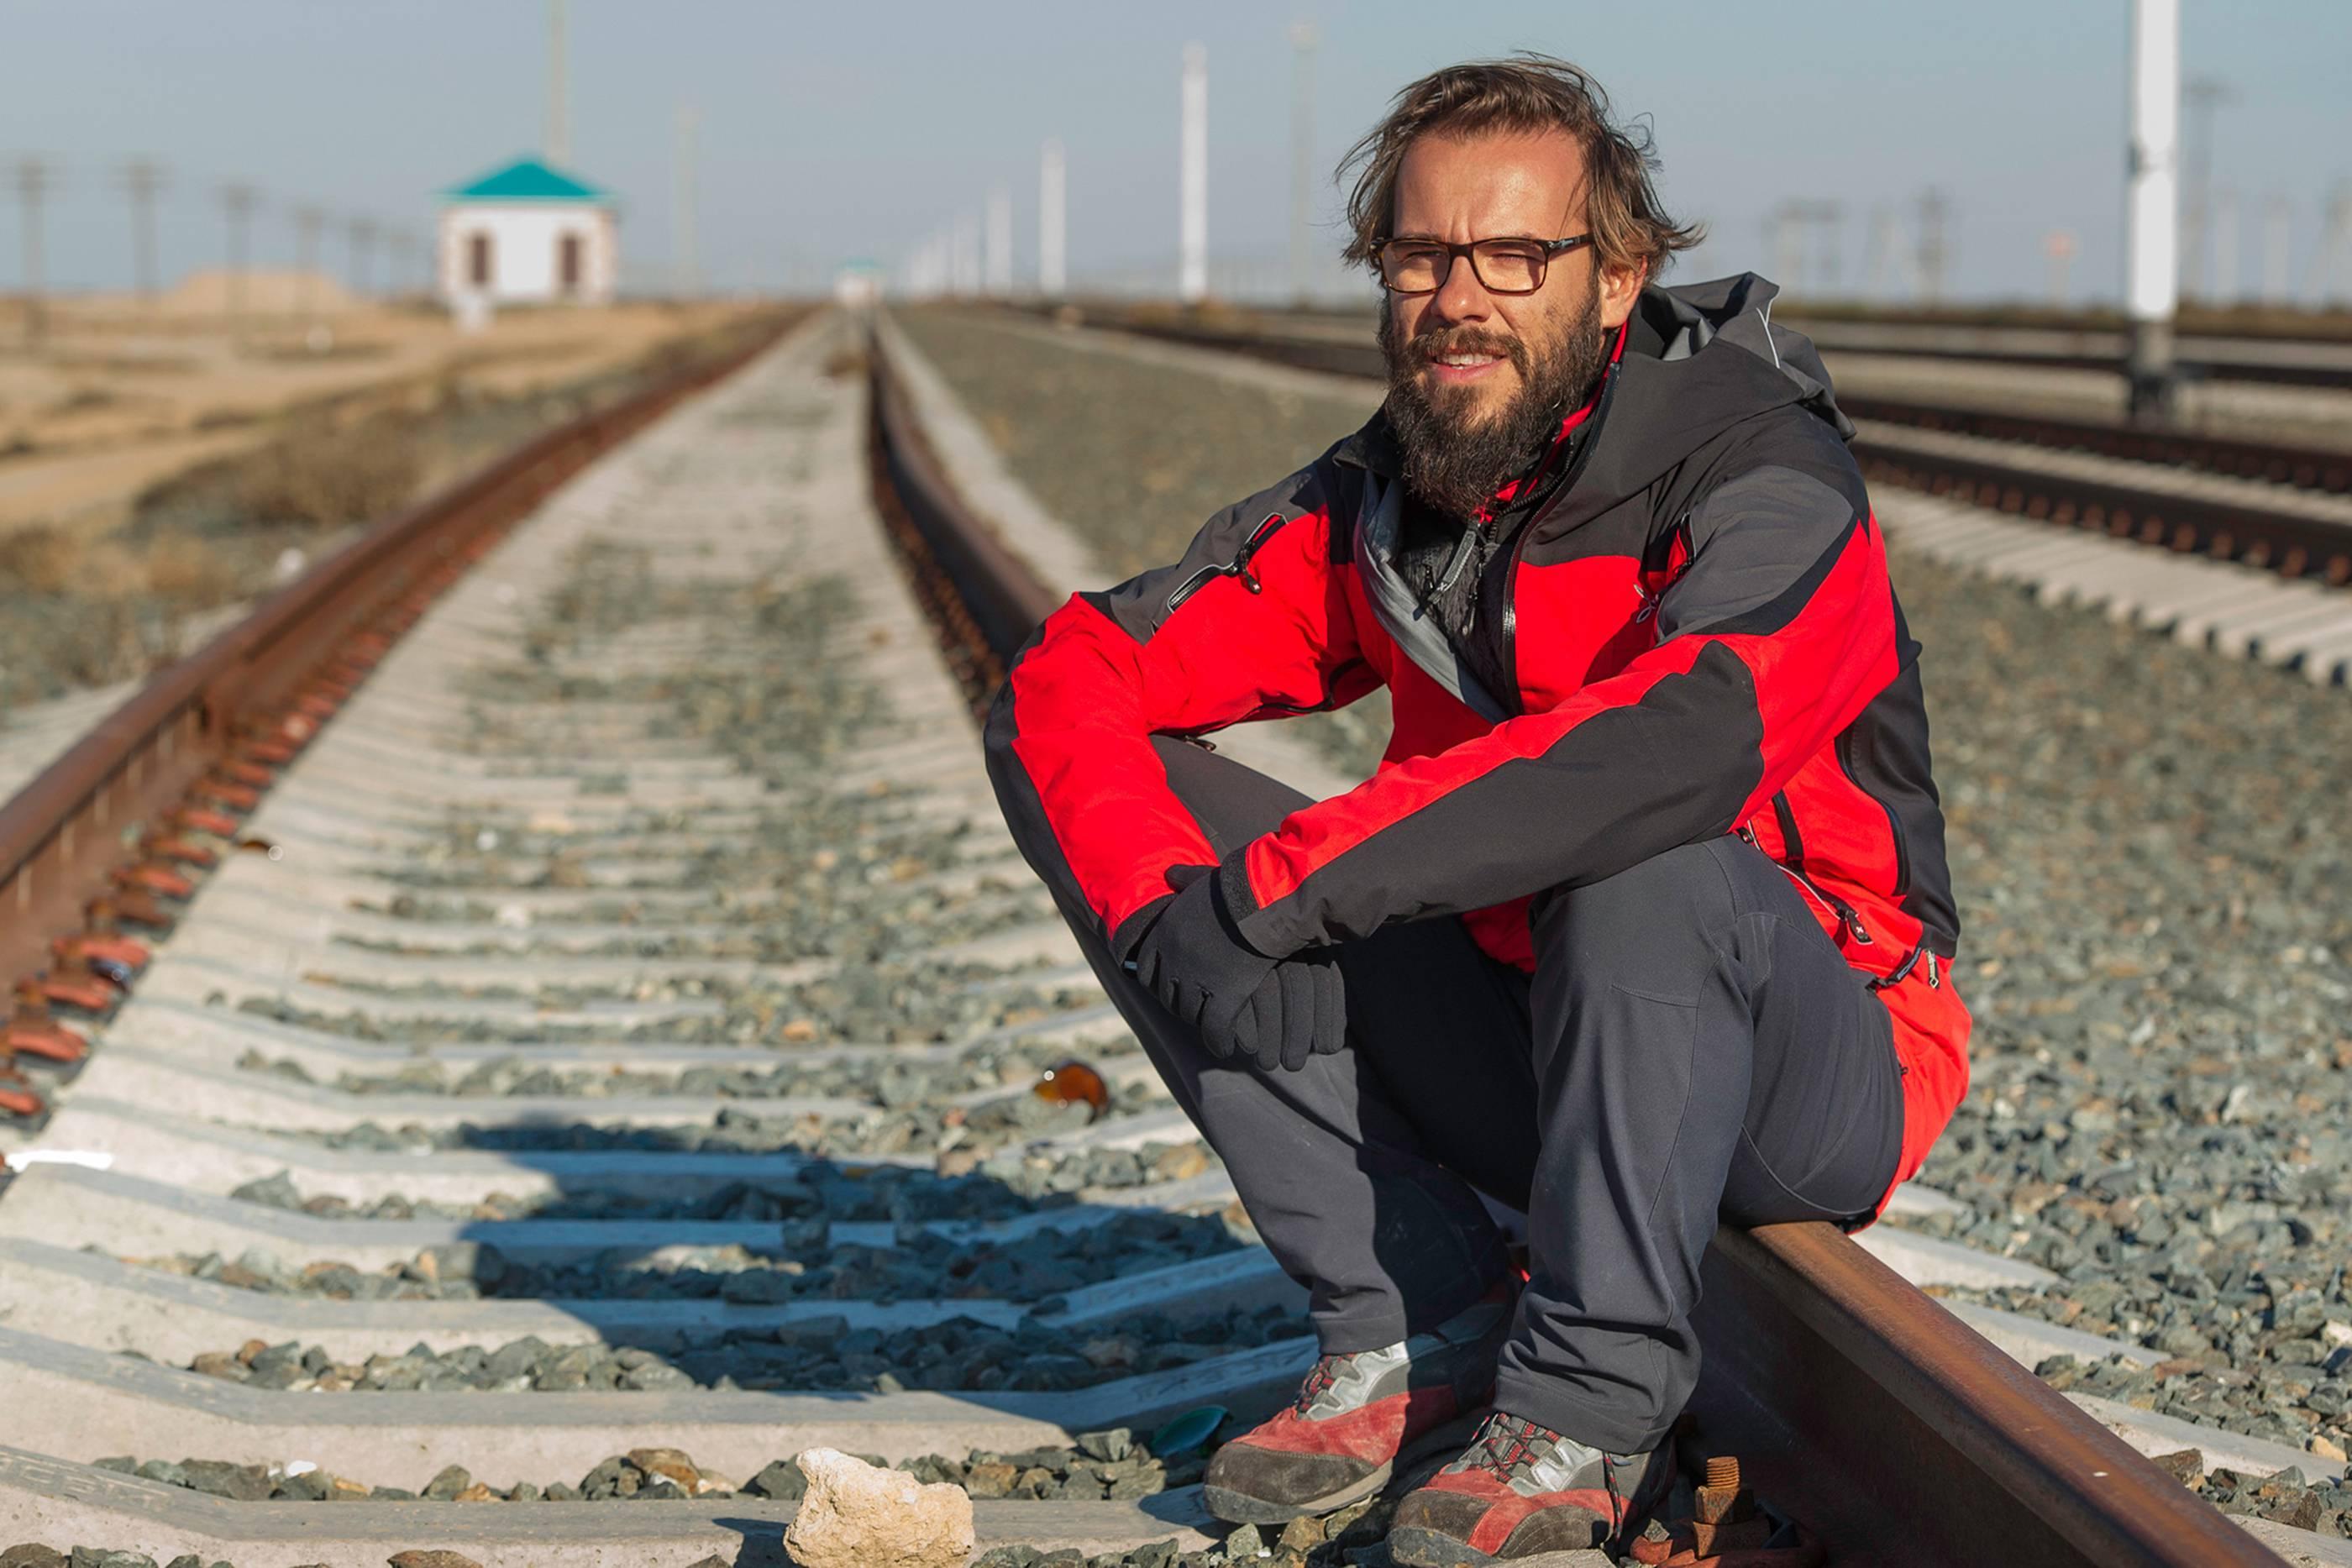 I sogni del lago salato: un'immagine del regista Andrea Segre